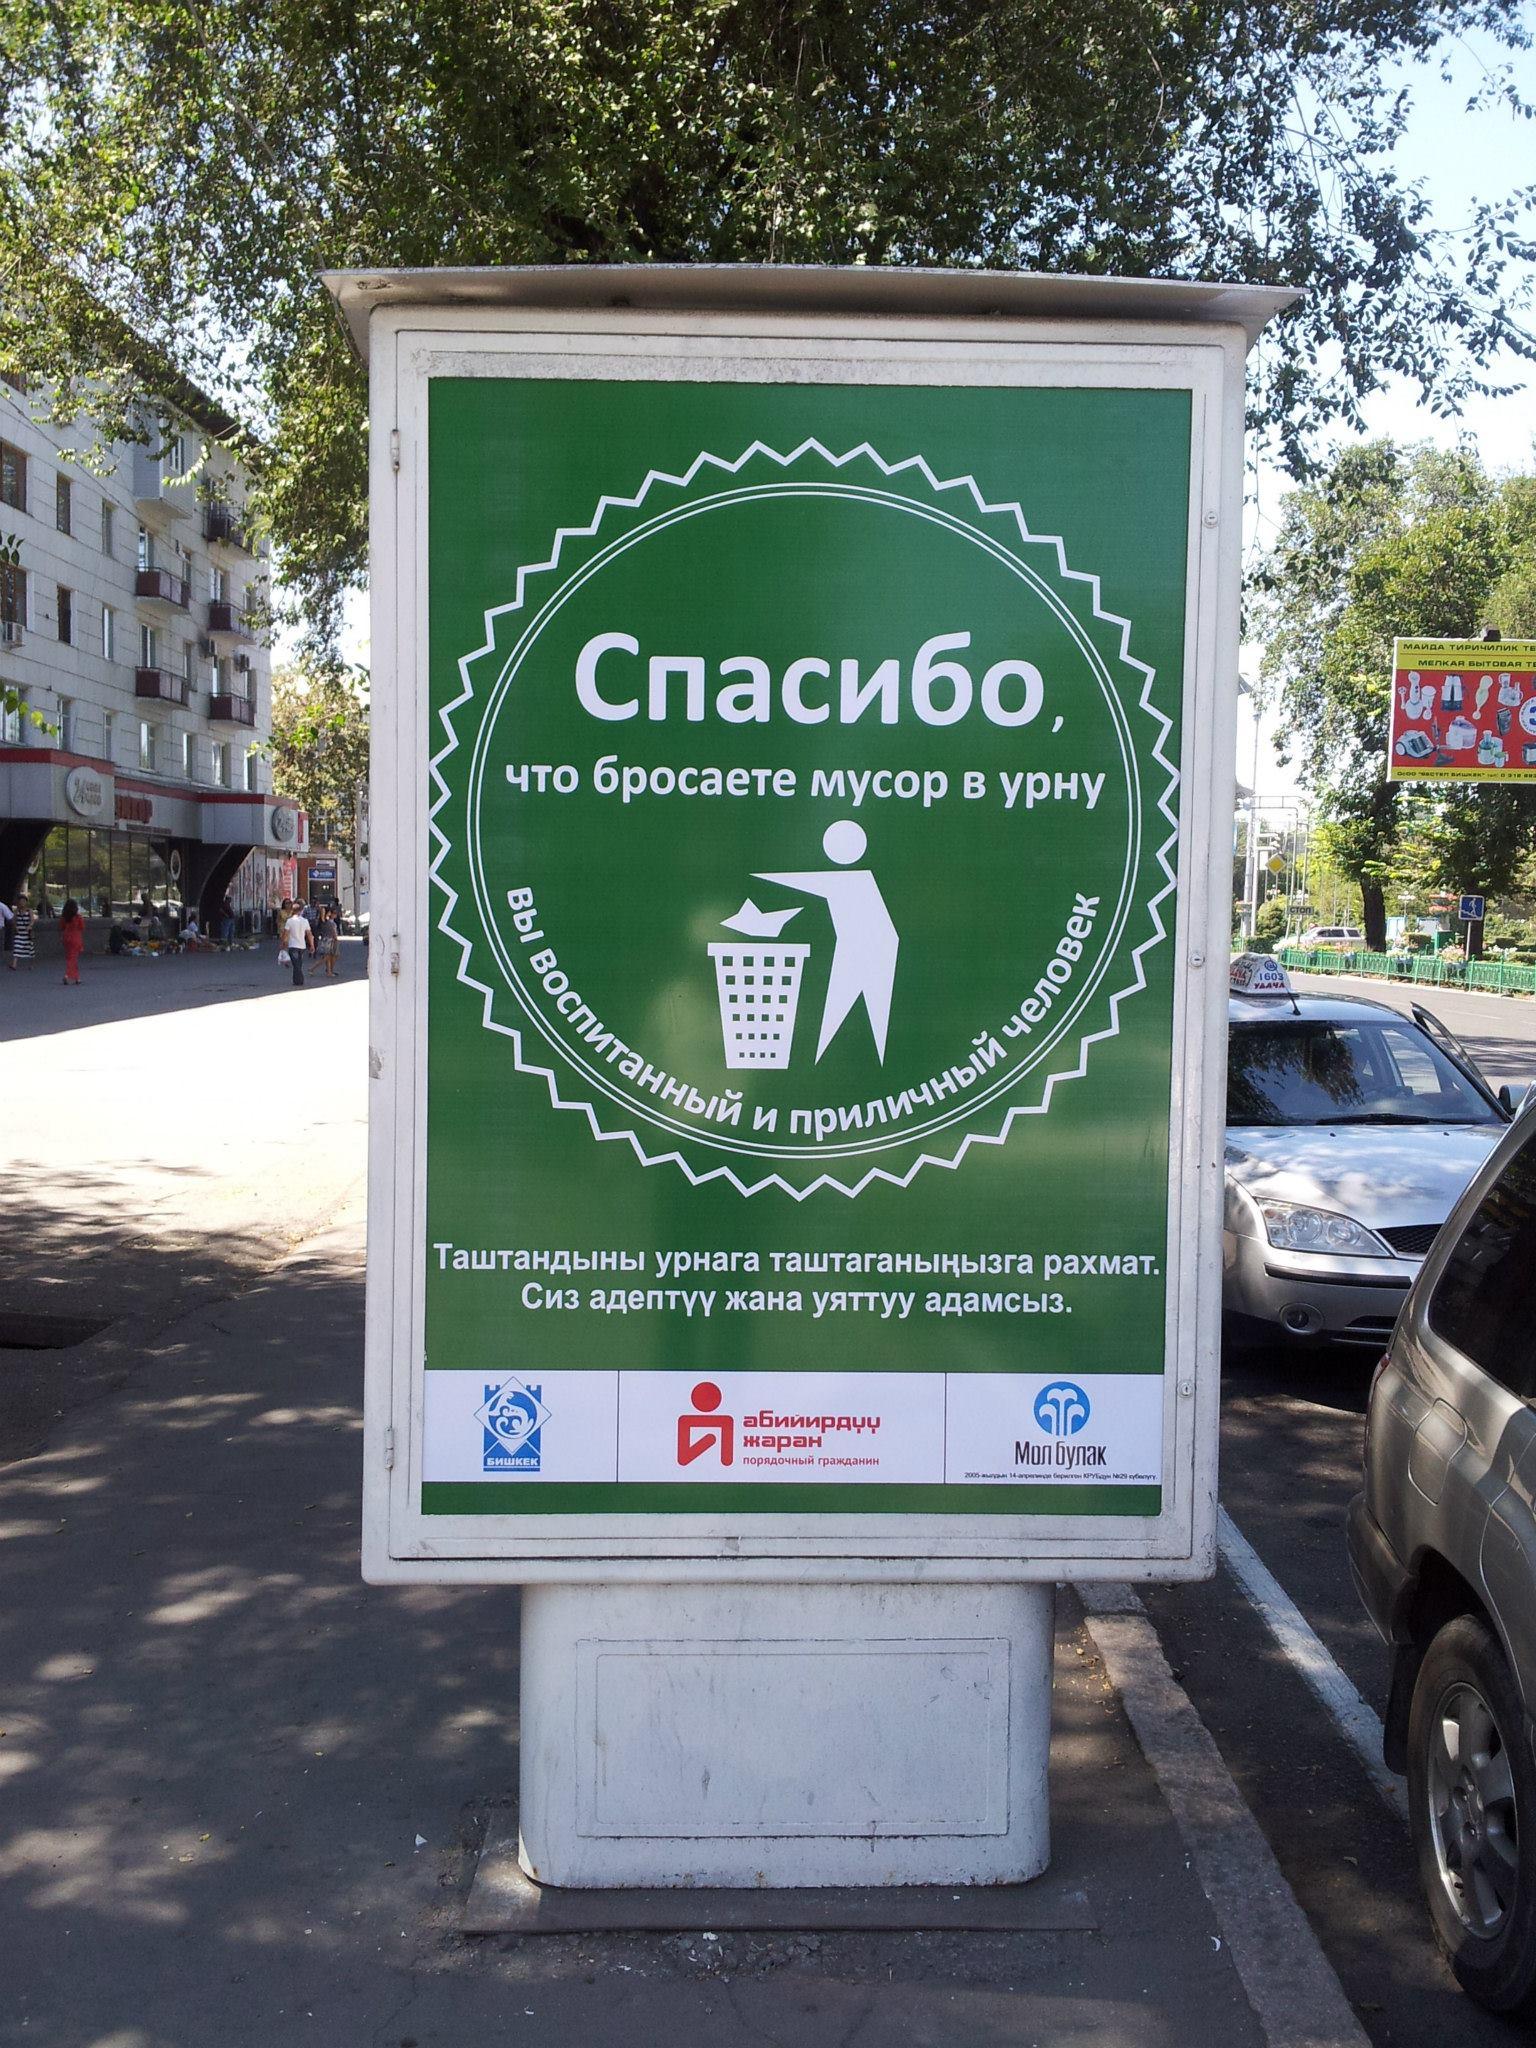 Как сделать рекламу своего города 780